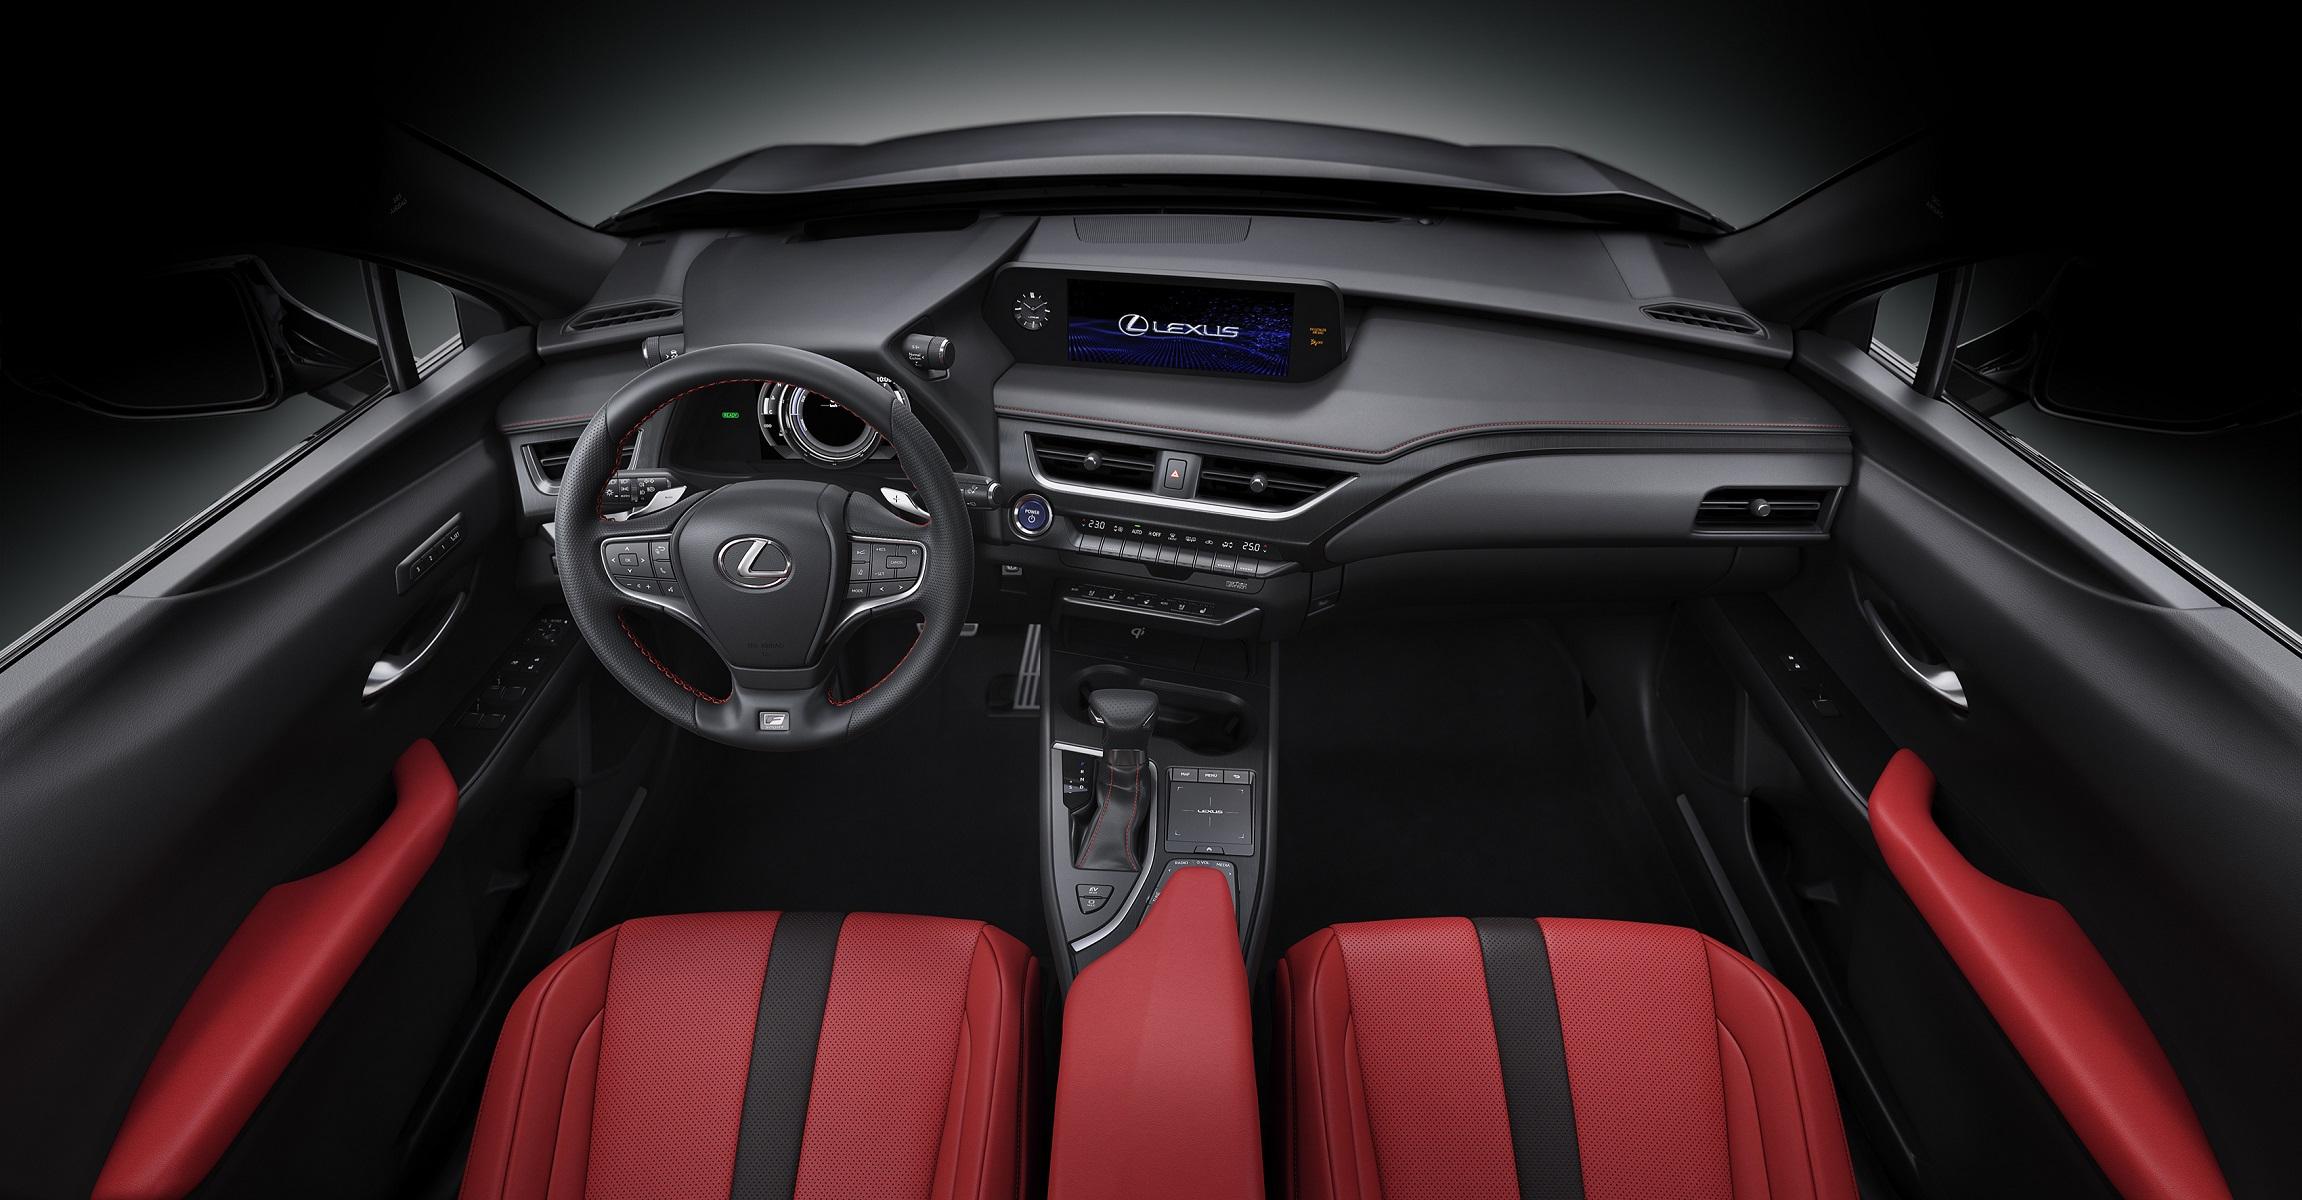 豪华都市SUV全新雷克萨斯UX将于成都国际车展亚洲首发 棋牌游戏最靠谱app